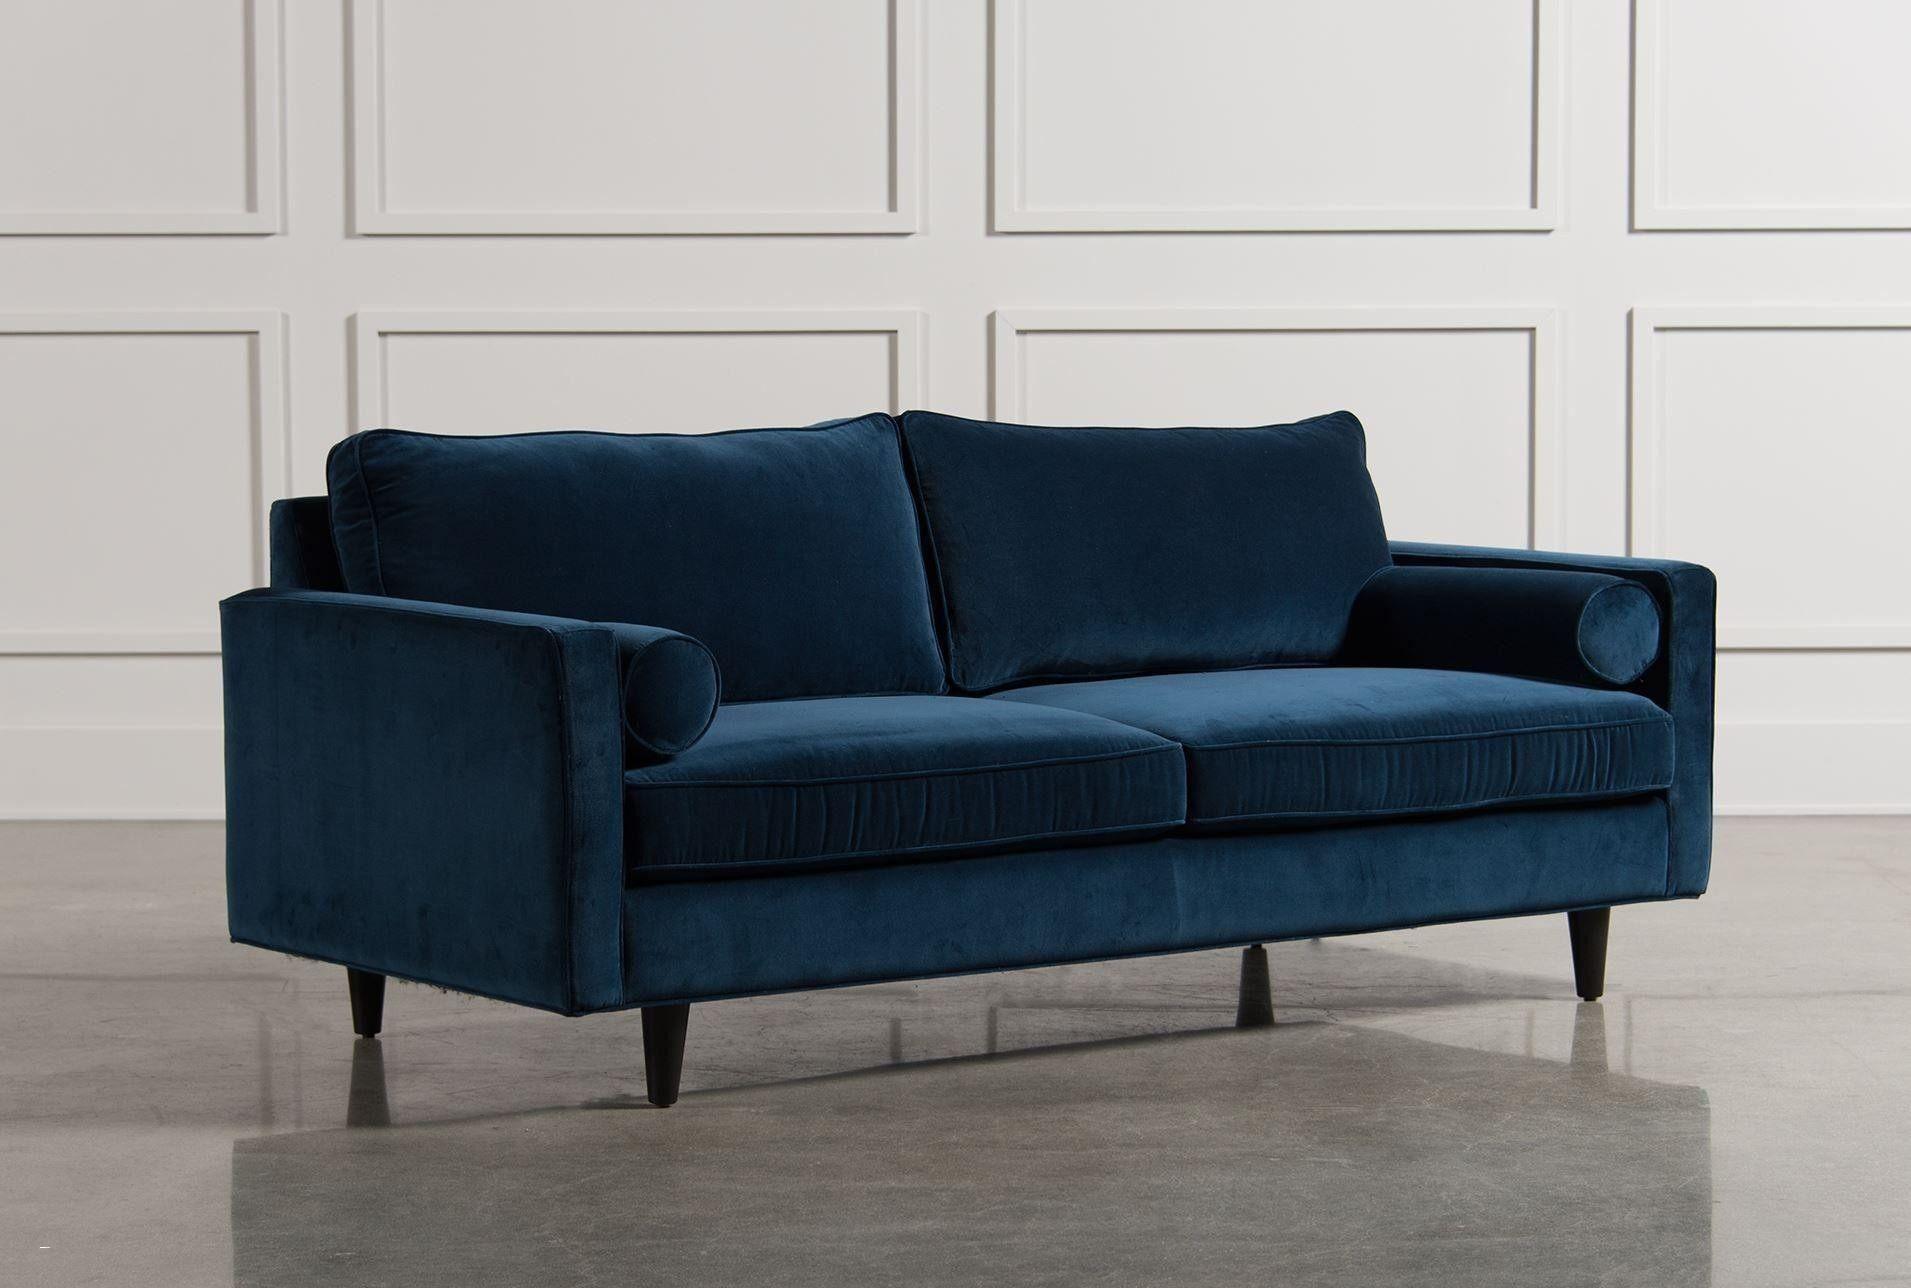 Alinea Canape Lit Élégant Ikea De sofa Frisch Nice sofa Cama Ikea Designsolutions Usa